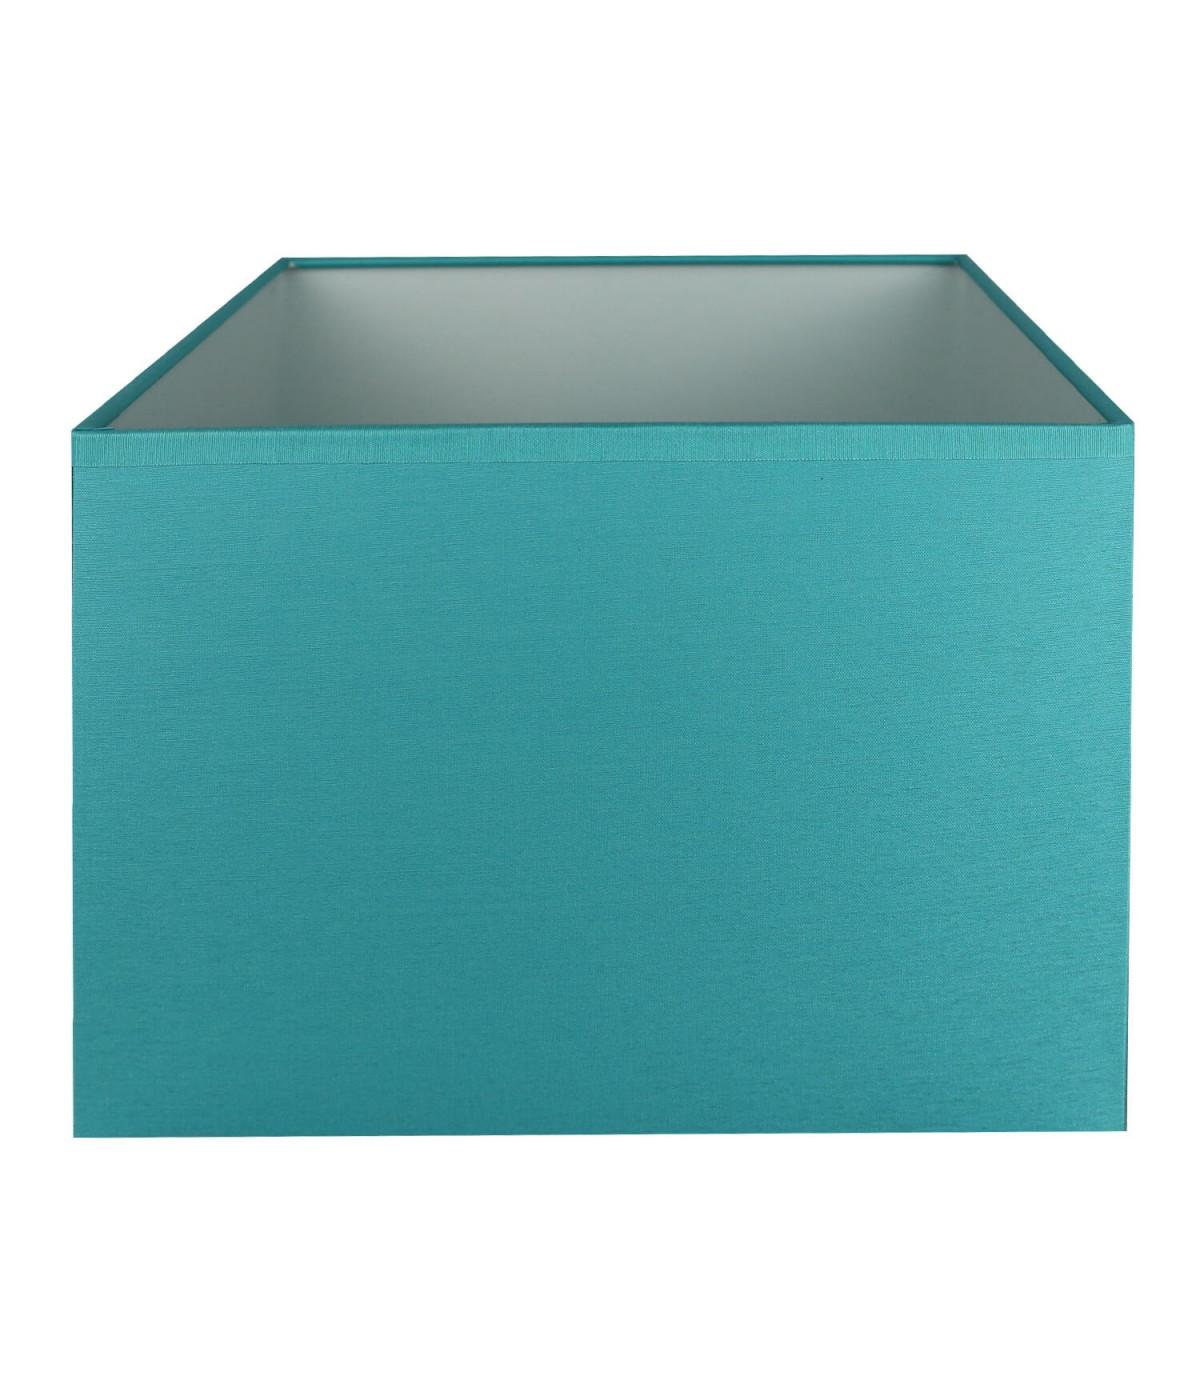 Abat-jour rectangle Bleu turquoise